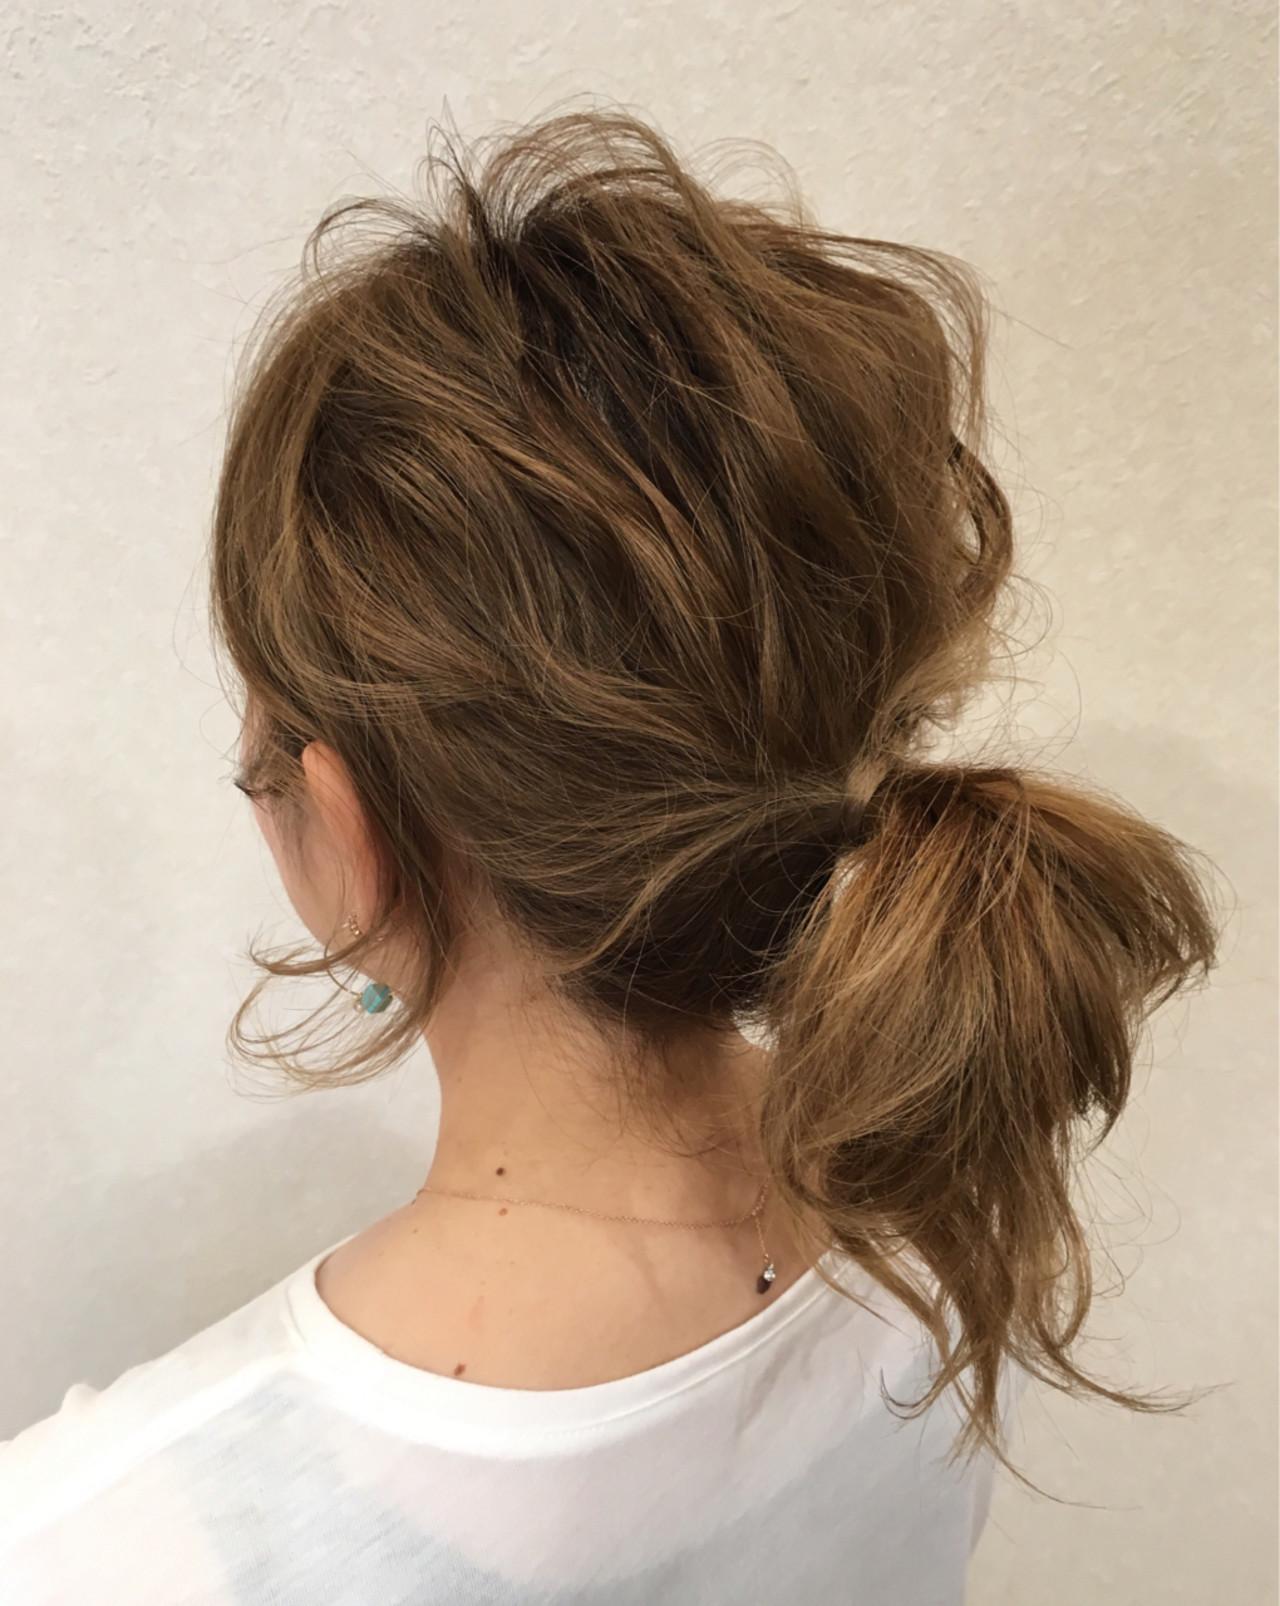 ヘアアレンジ デート 波ウェーブ セミロング ヘアスタイルや髪型の写真・画像